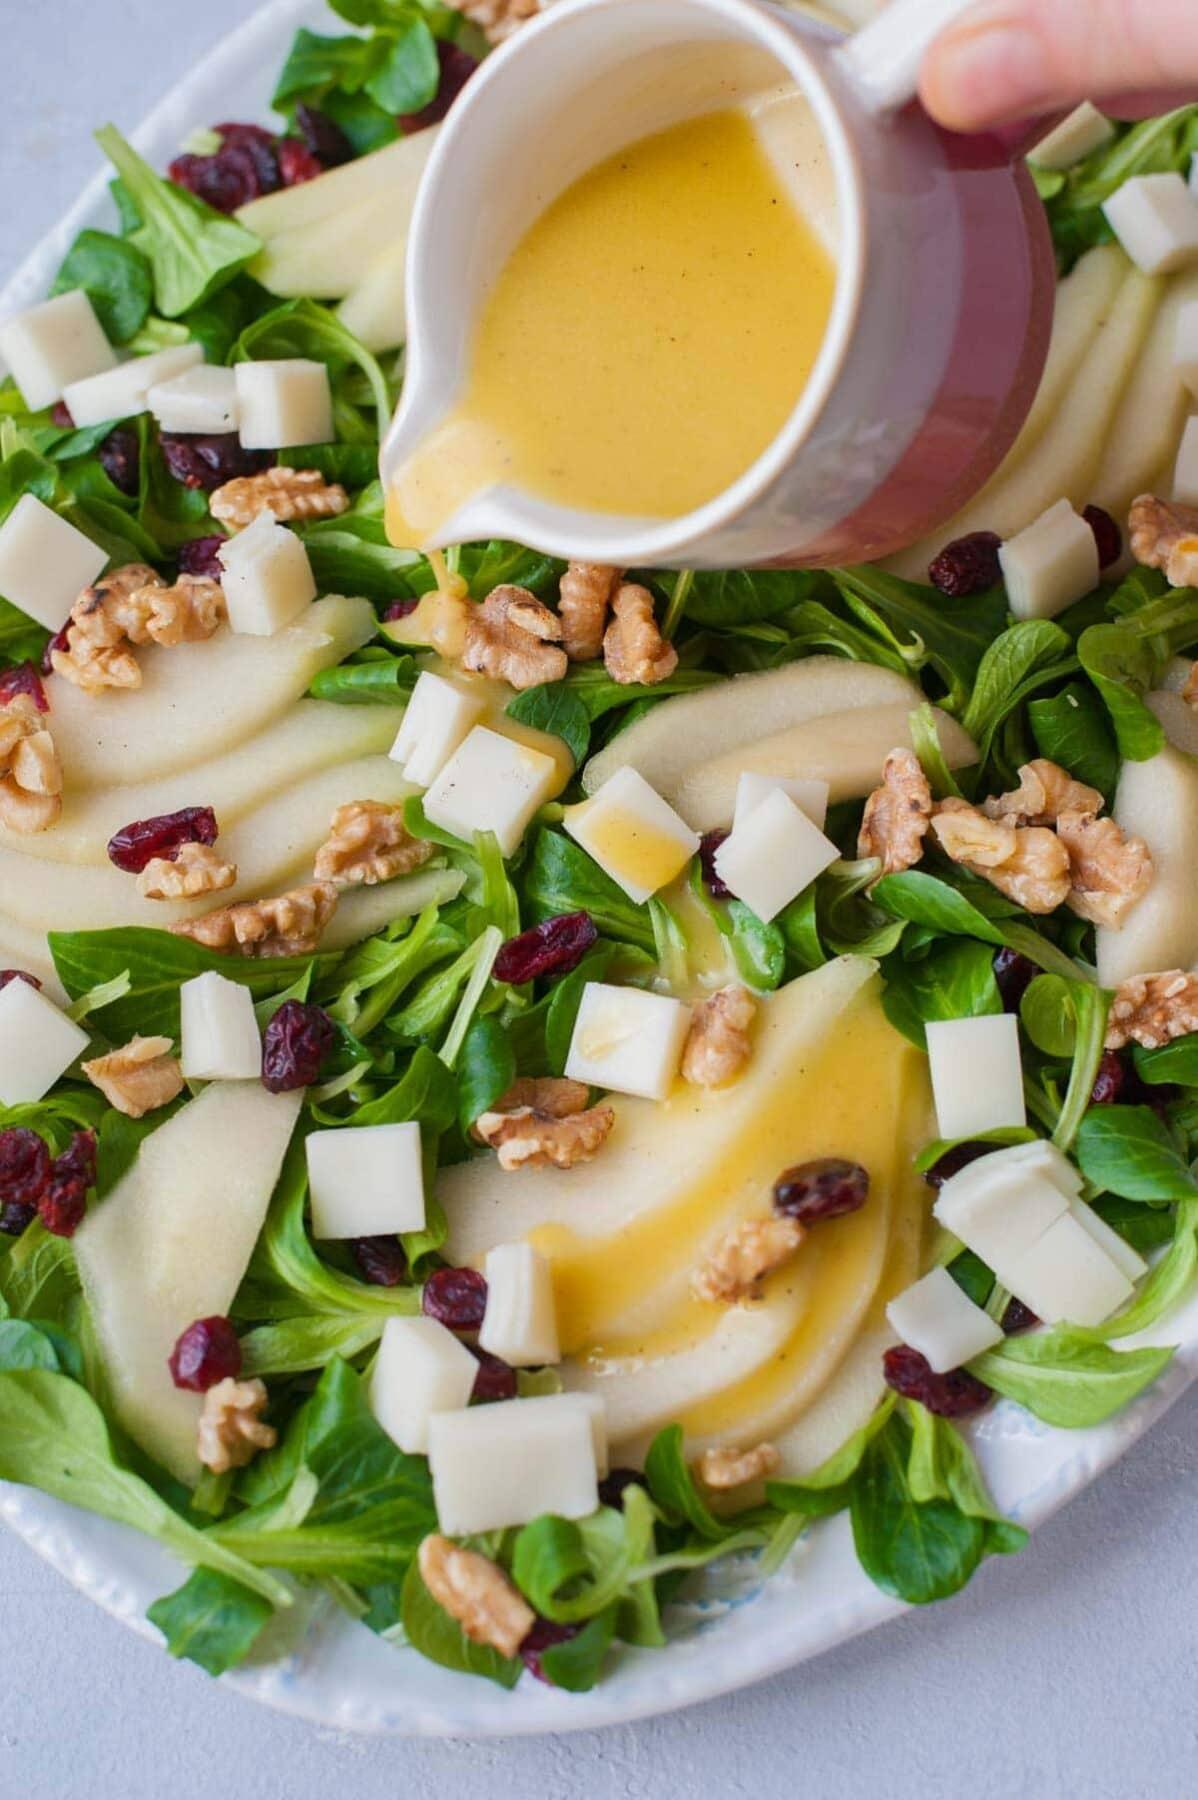 Sałatka z gruszką, żurawiną, orzechami włoskimi i kozim serem polewana sosem.